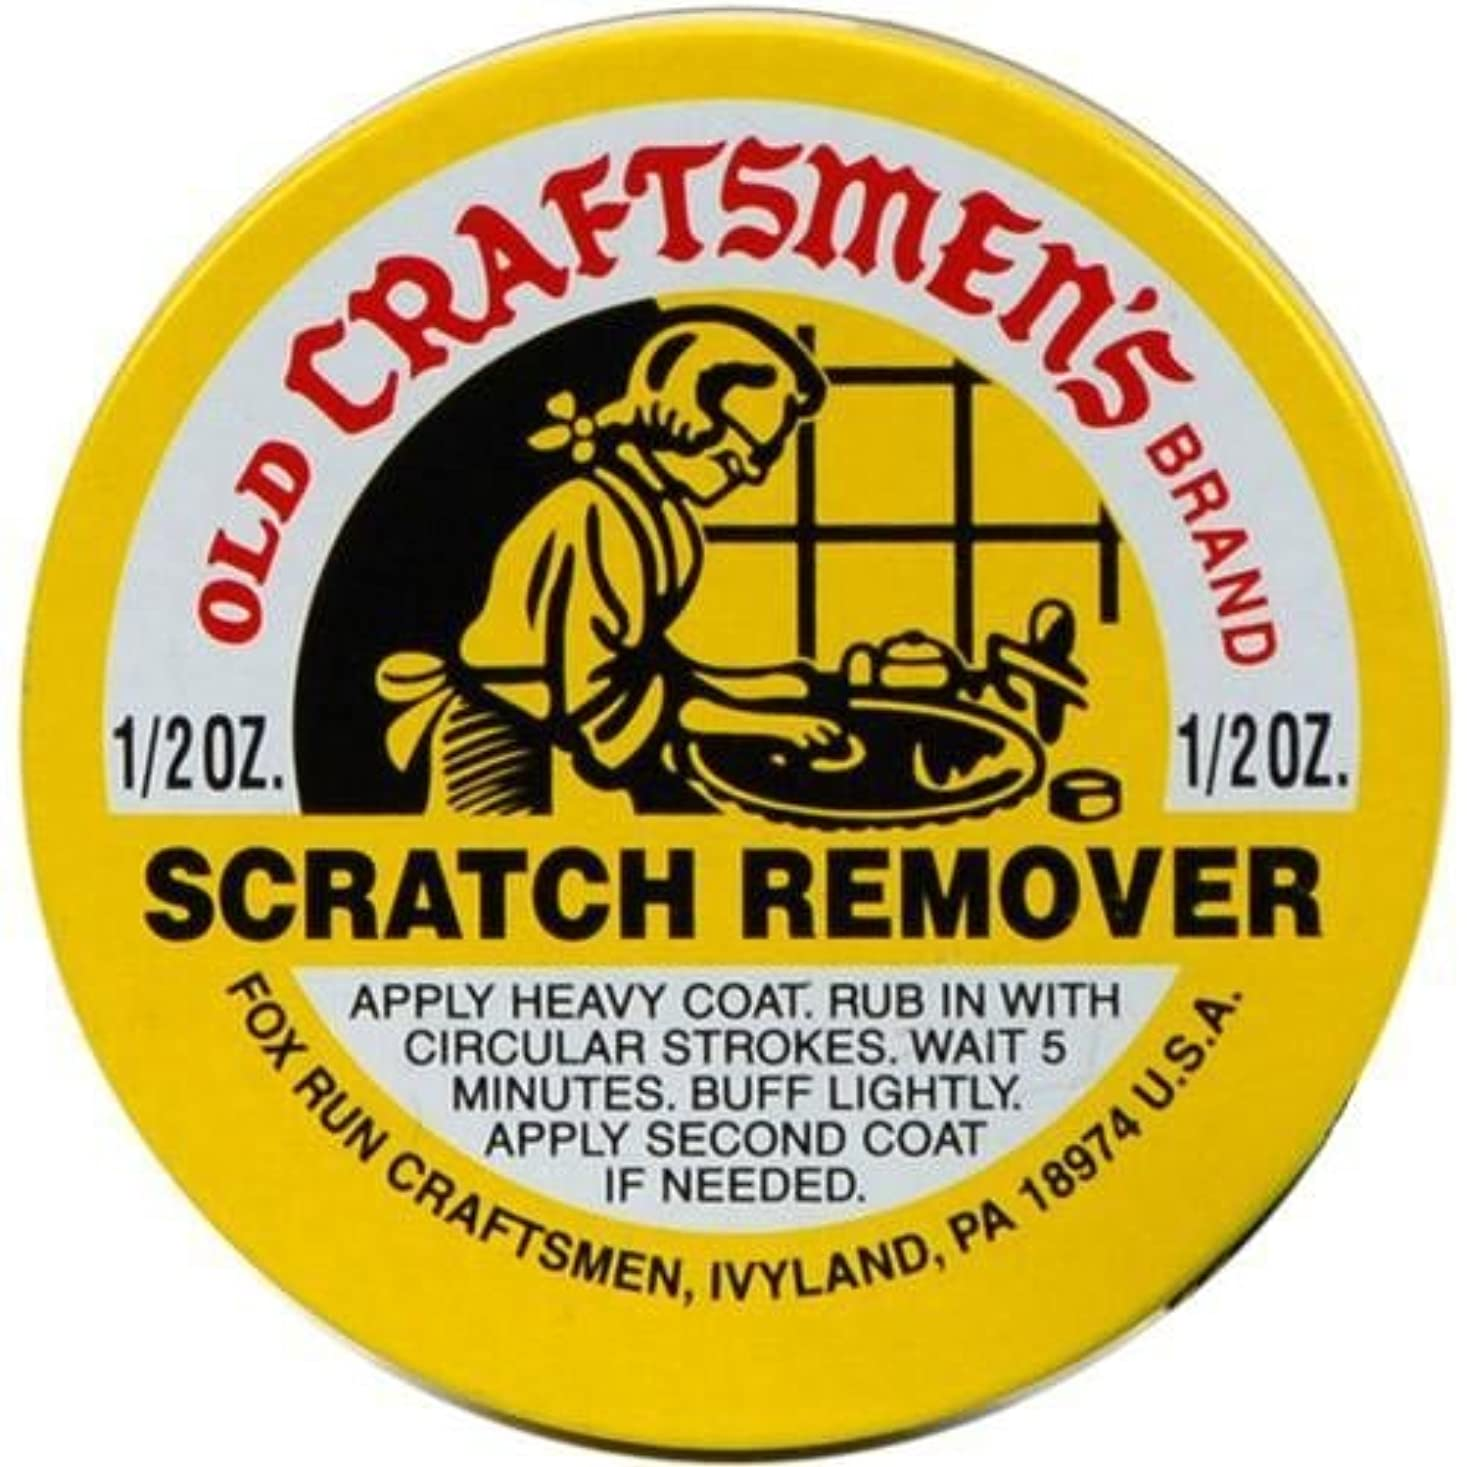 窓を洗うスツール誠実Fox Run 41641 オンス スズ 古い 職人さん ブランド スクラッチ 剥離剤 痛ん 木材 革